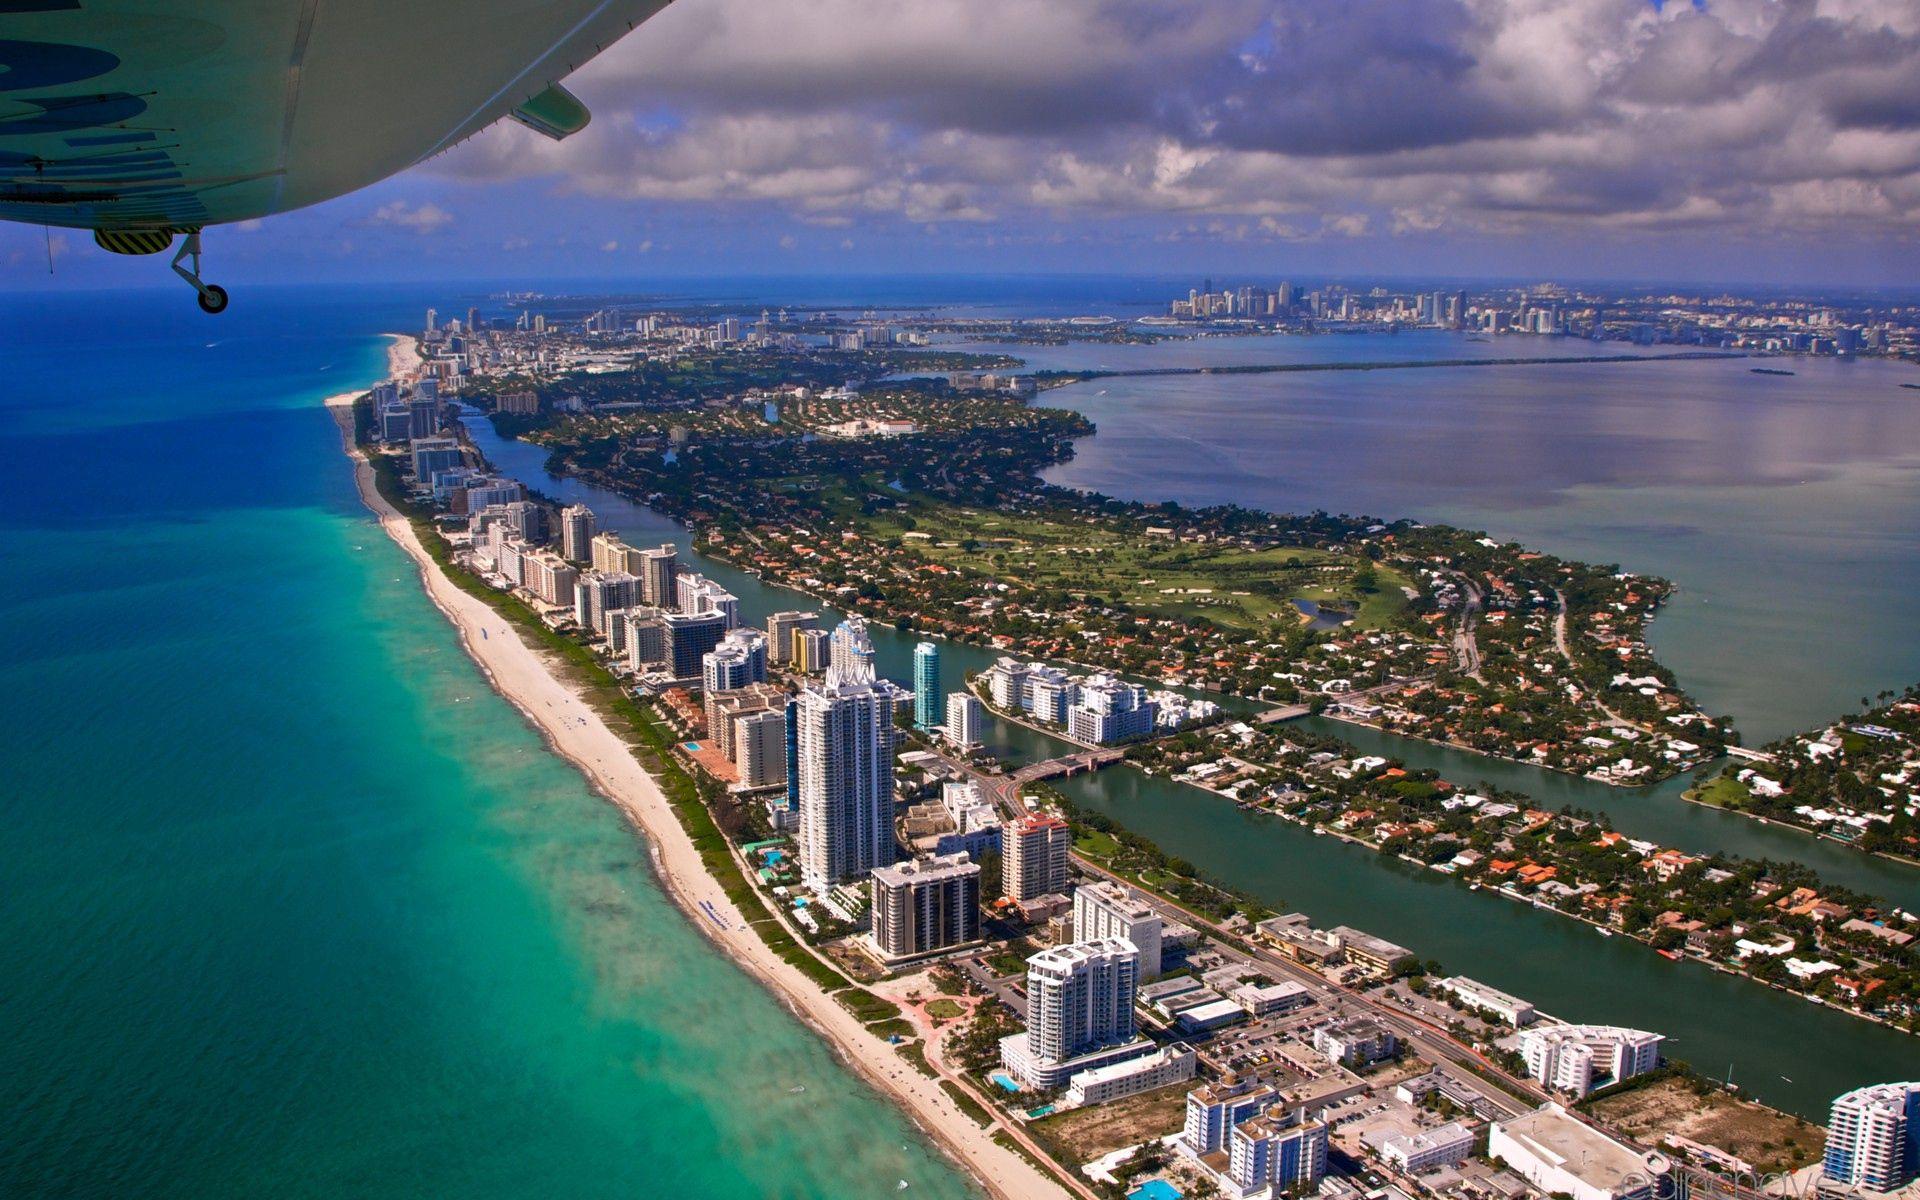 138886壁紙のダウンロードマイアミ, 市, 都市, フライト, 逃走, 上から見る, 海洋, 大洋-スクリーンセーバーと写真を無料で